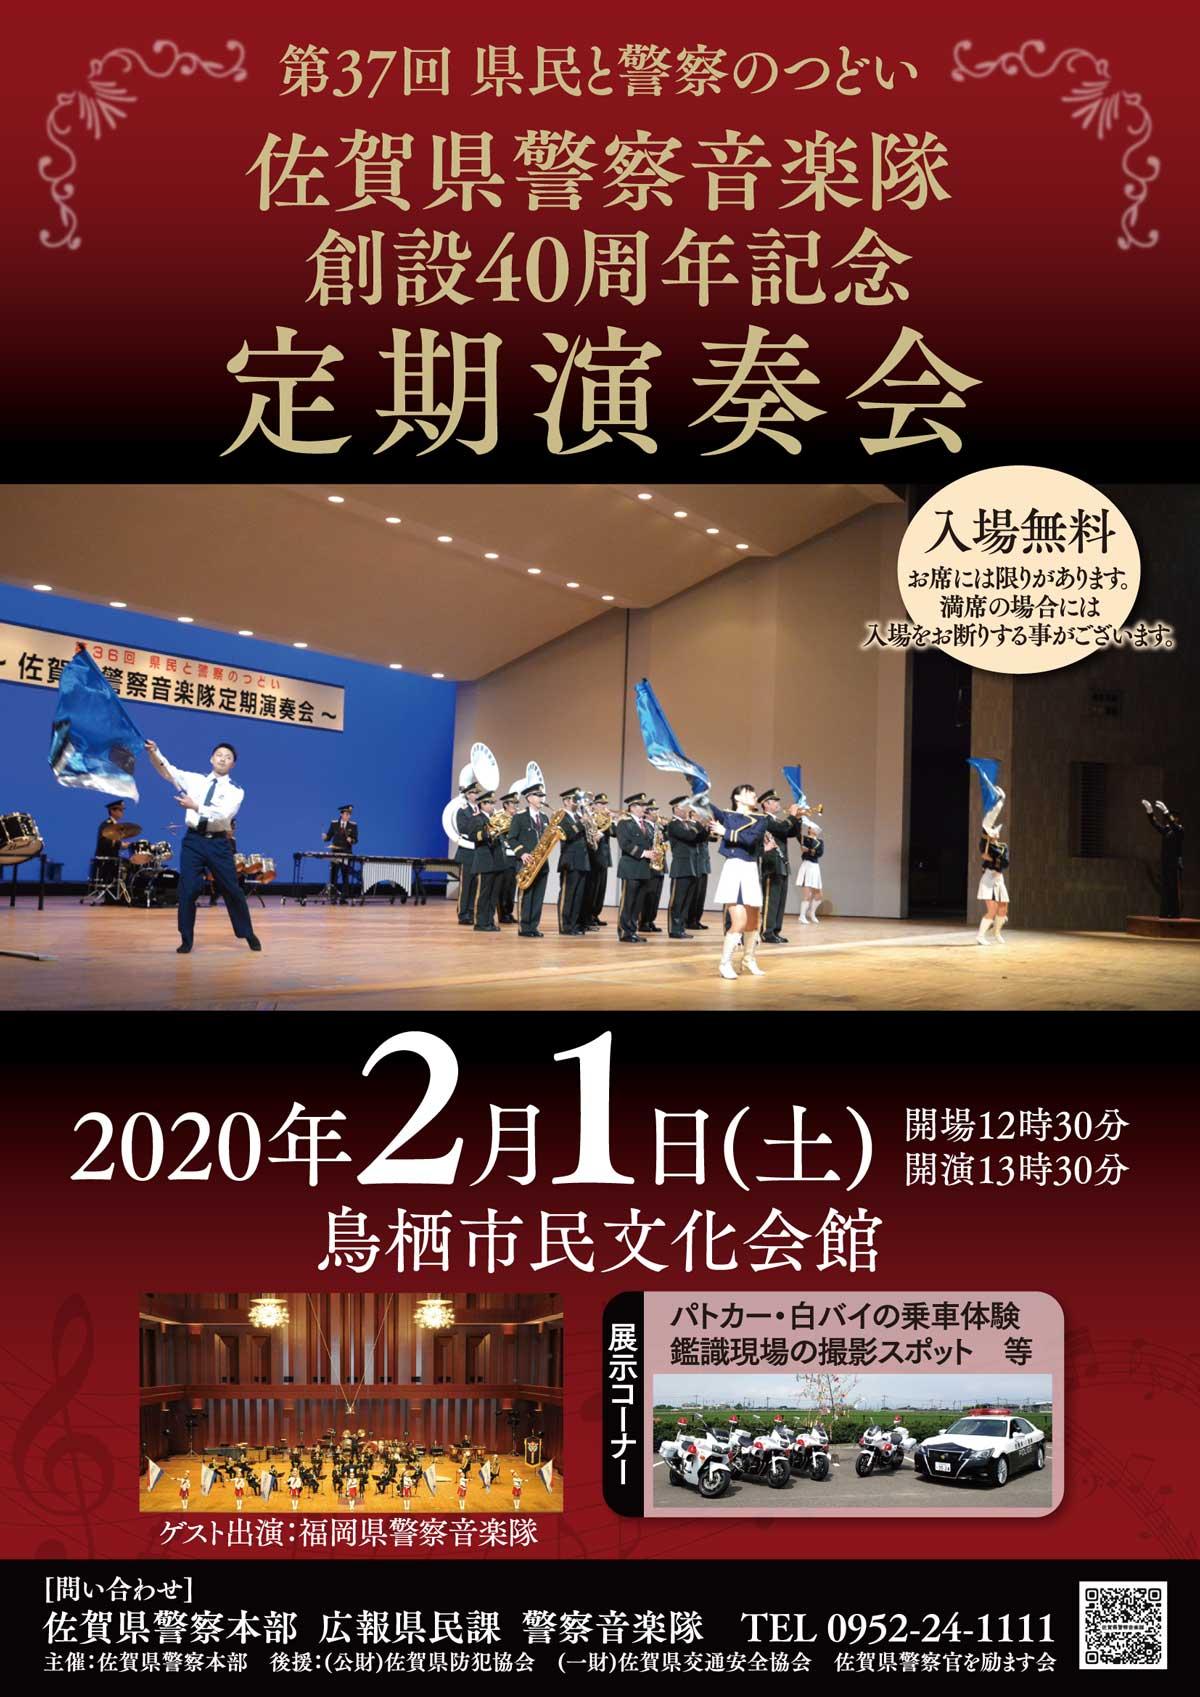 2/1(土)は佐賀県警察の「第37回 県民と警察のつどい」へ! | トスマガ ...